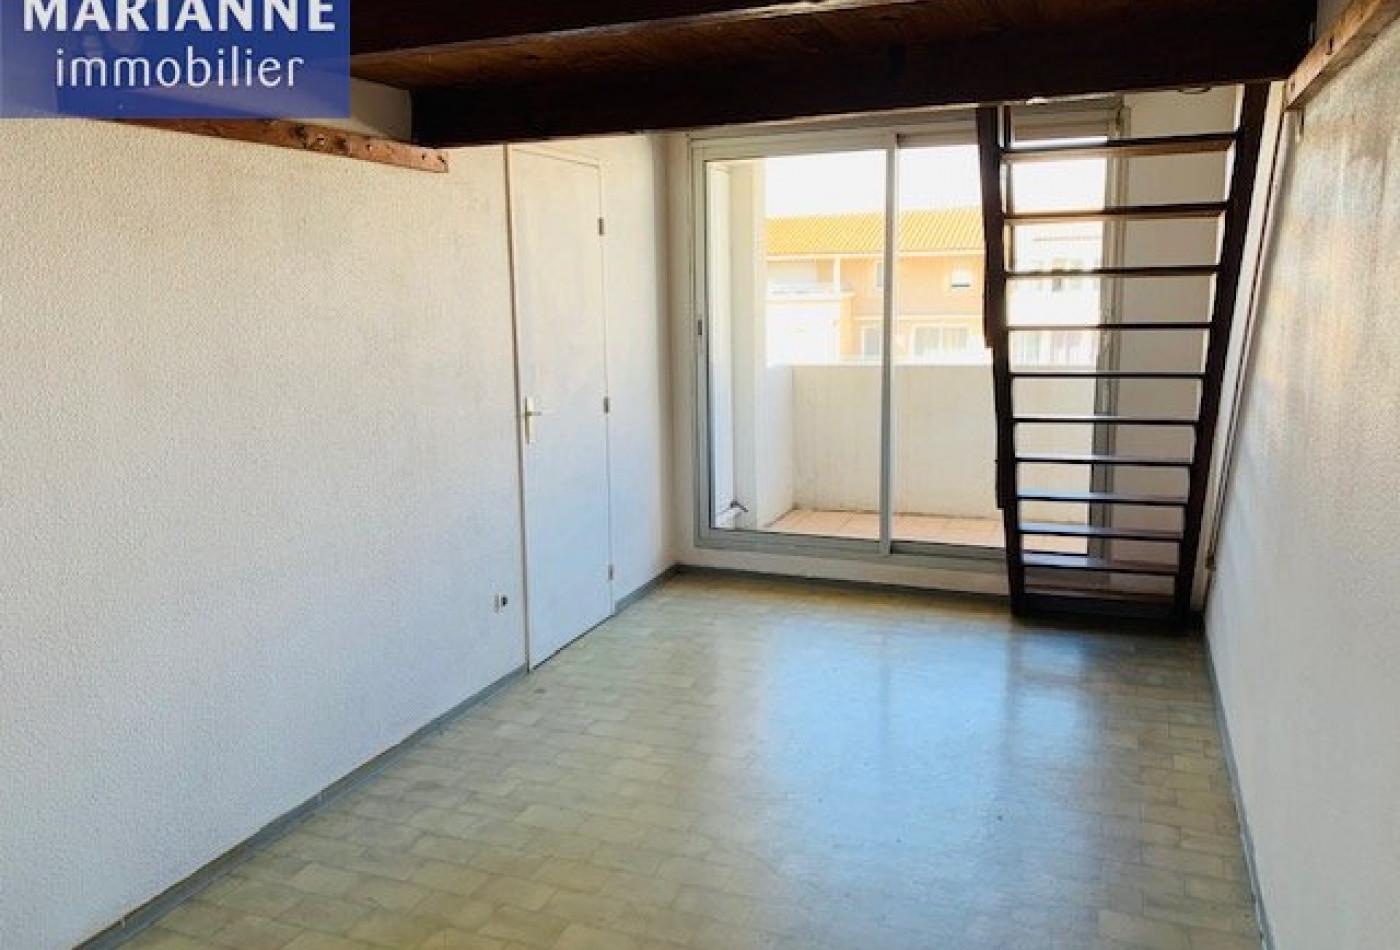 A vendre  Sete   Réf 344176227 - Marianne immobilier